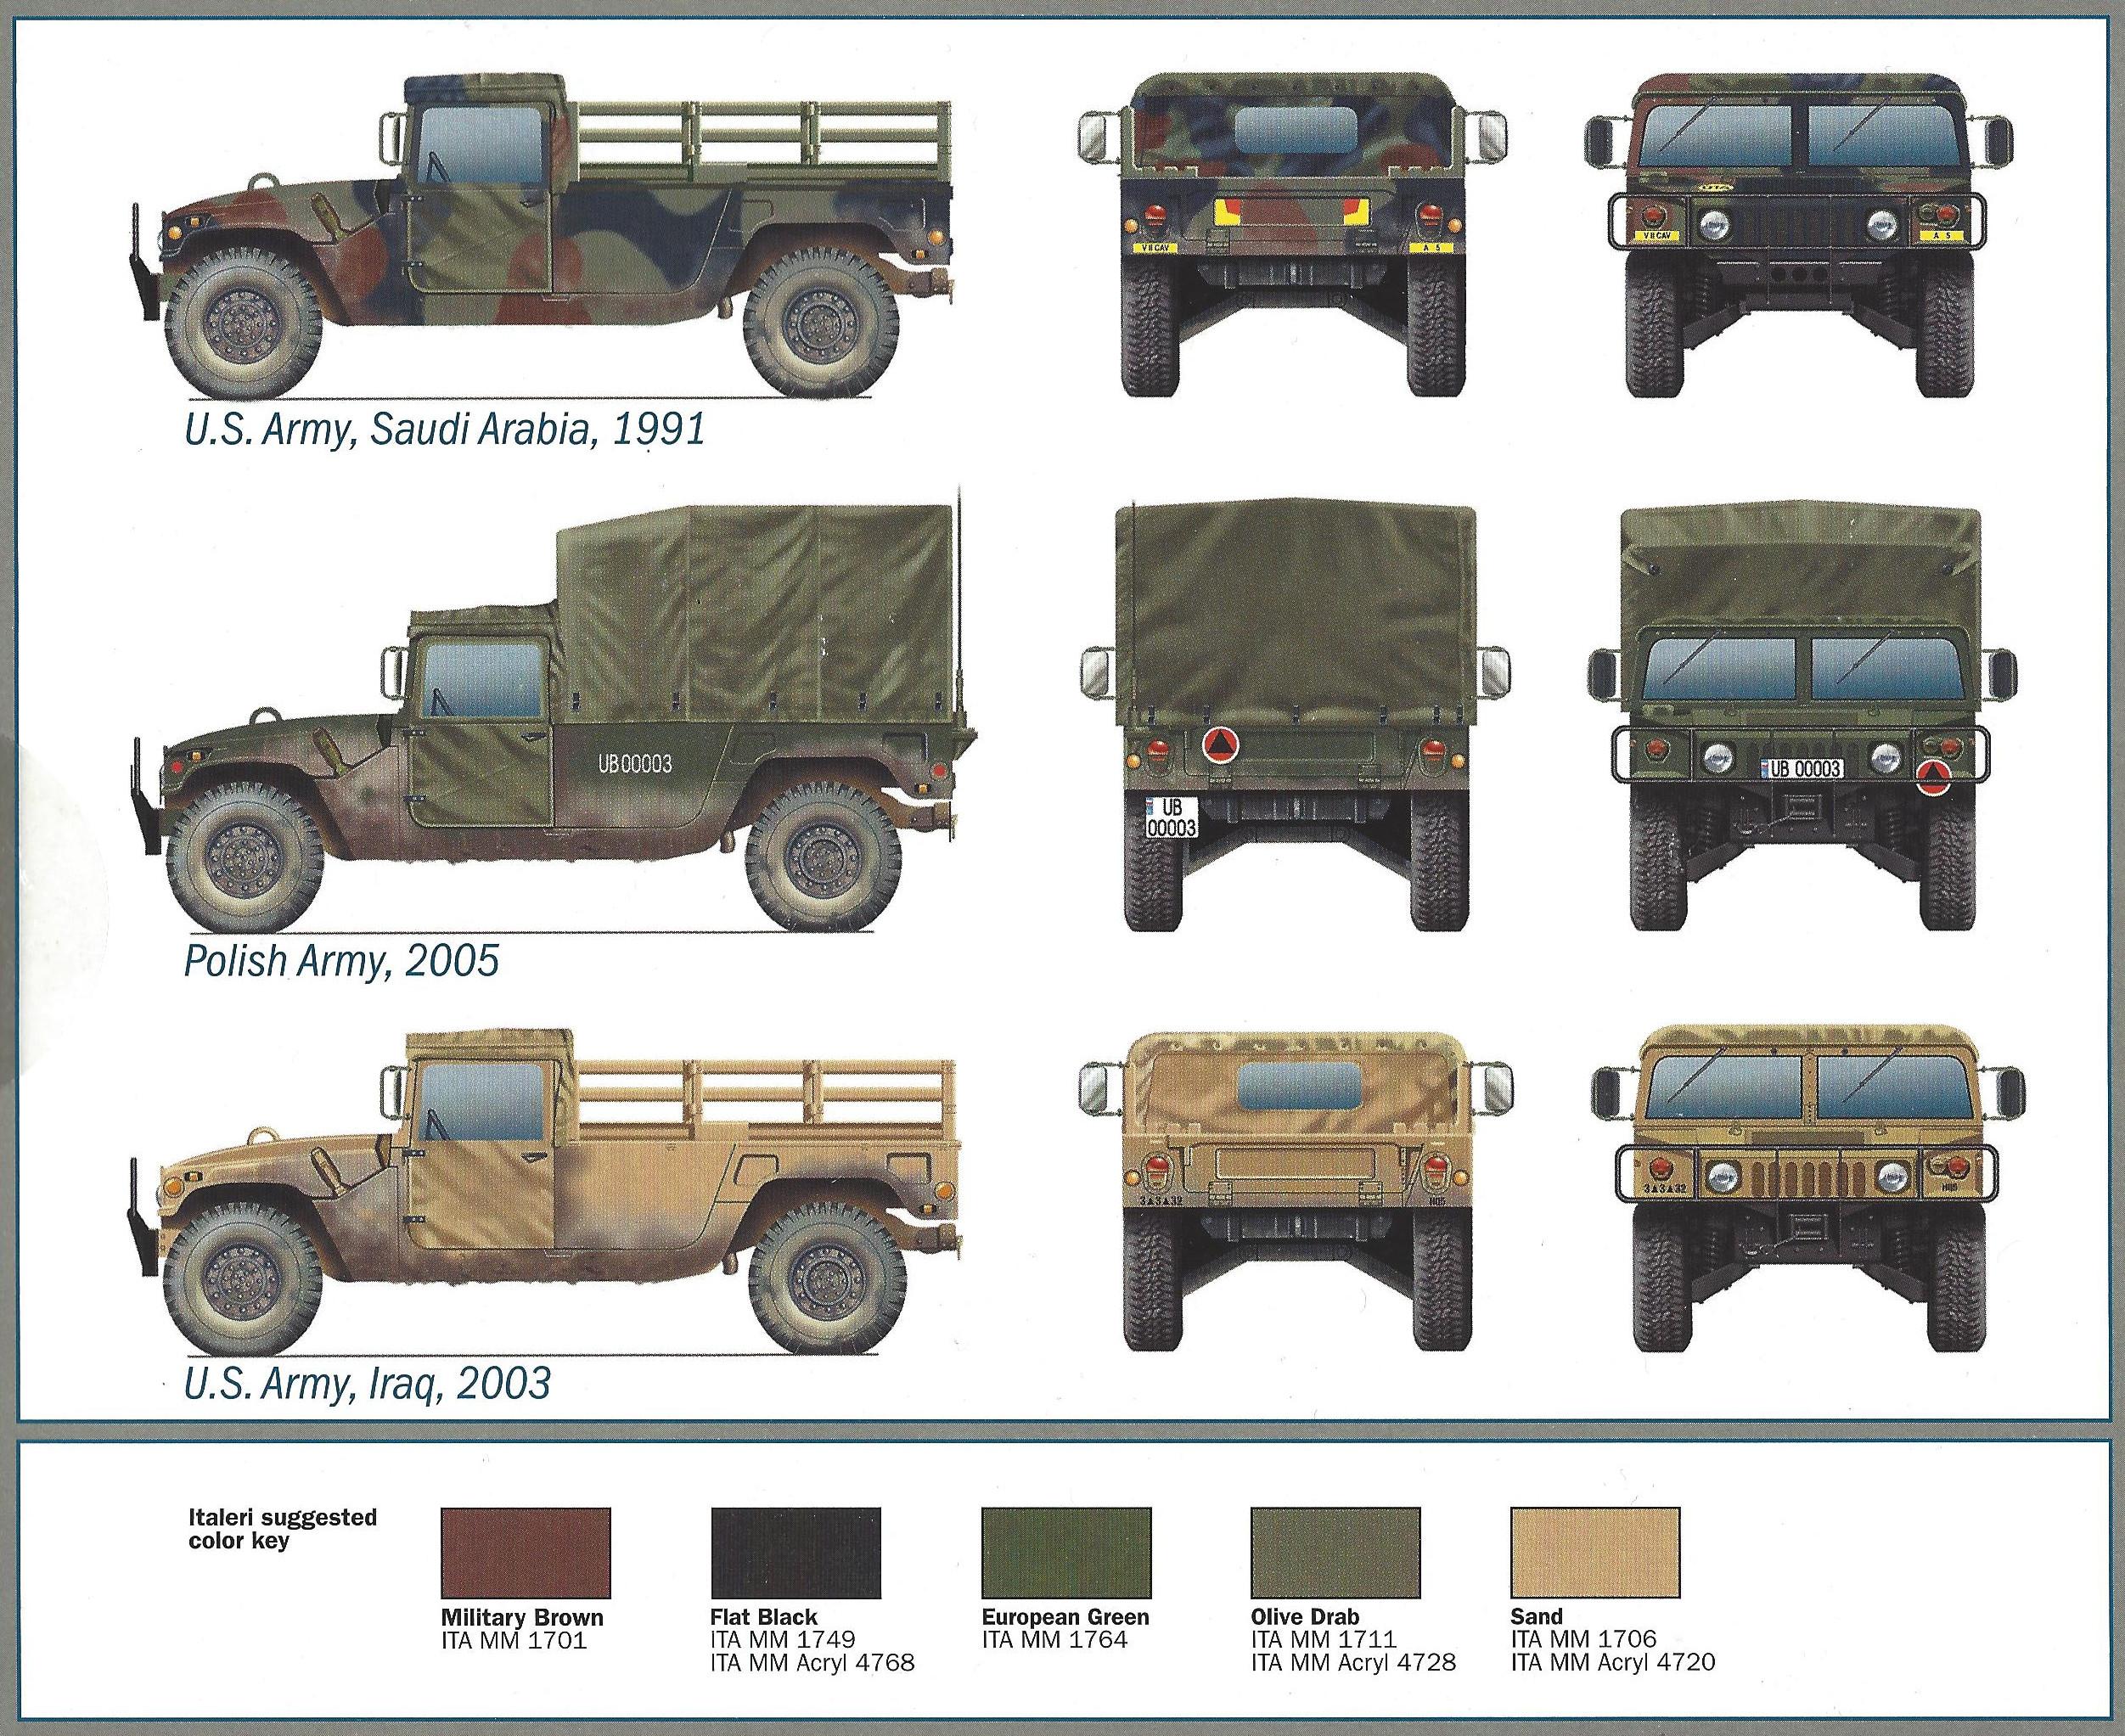 Anleitung11 M1097 A2 Cargo Carrier 1:35 Italeri #6484